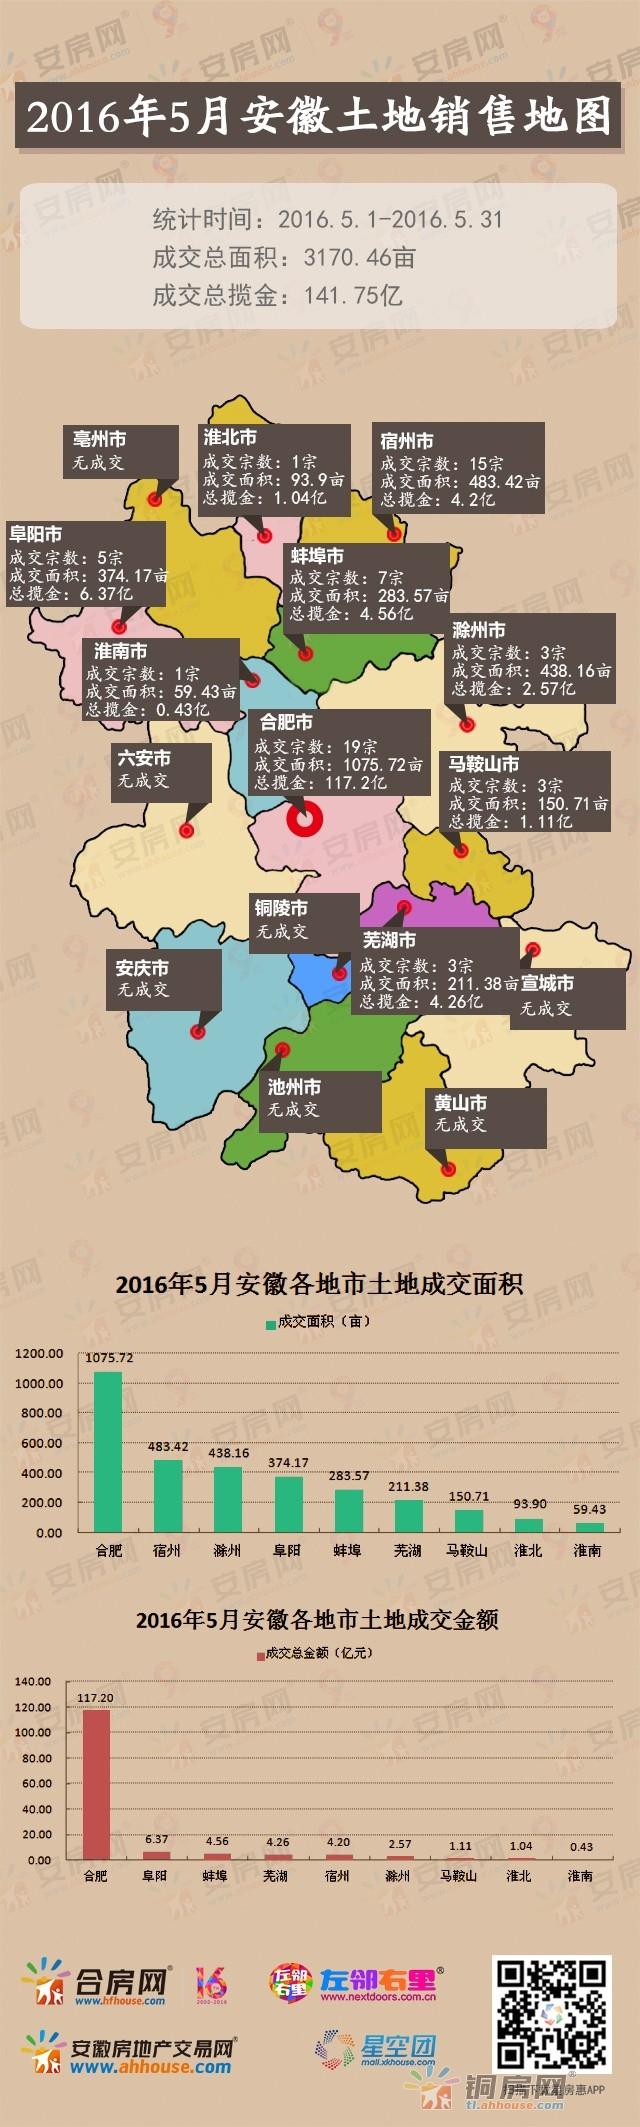 2016年5月安徽土地销售地图出炉图片